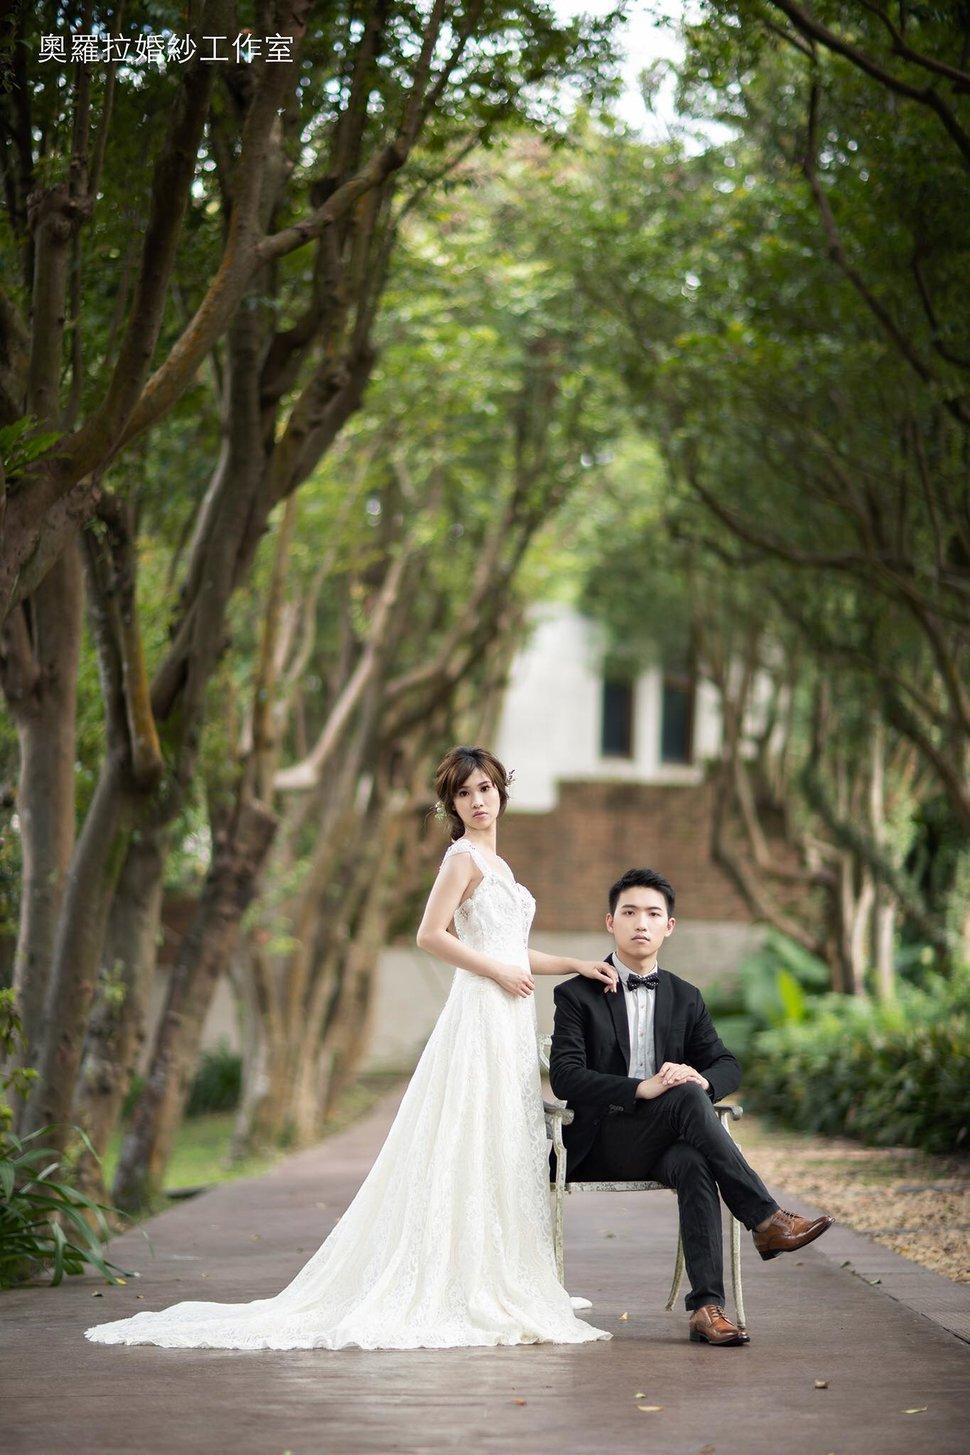 70906420_507535953156660_1405586300257435648_o - 奧蘿拉自助婚紗工作室《結婚吧》